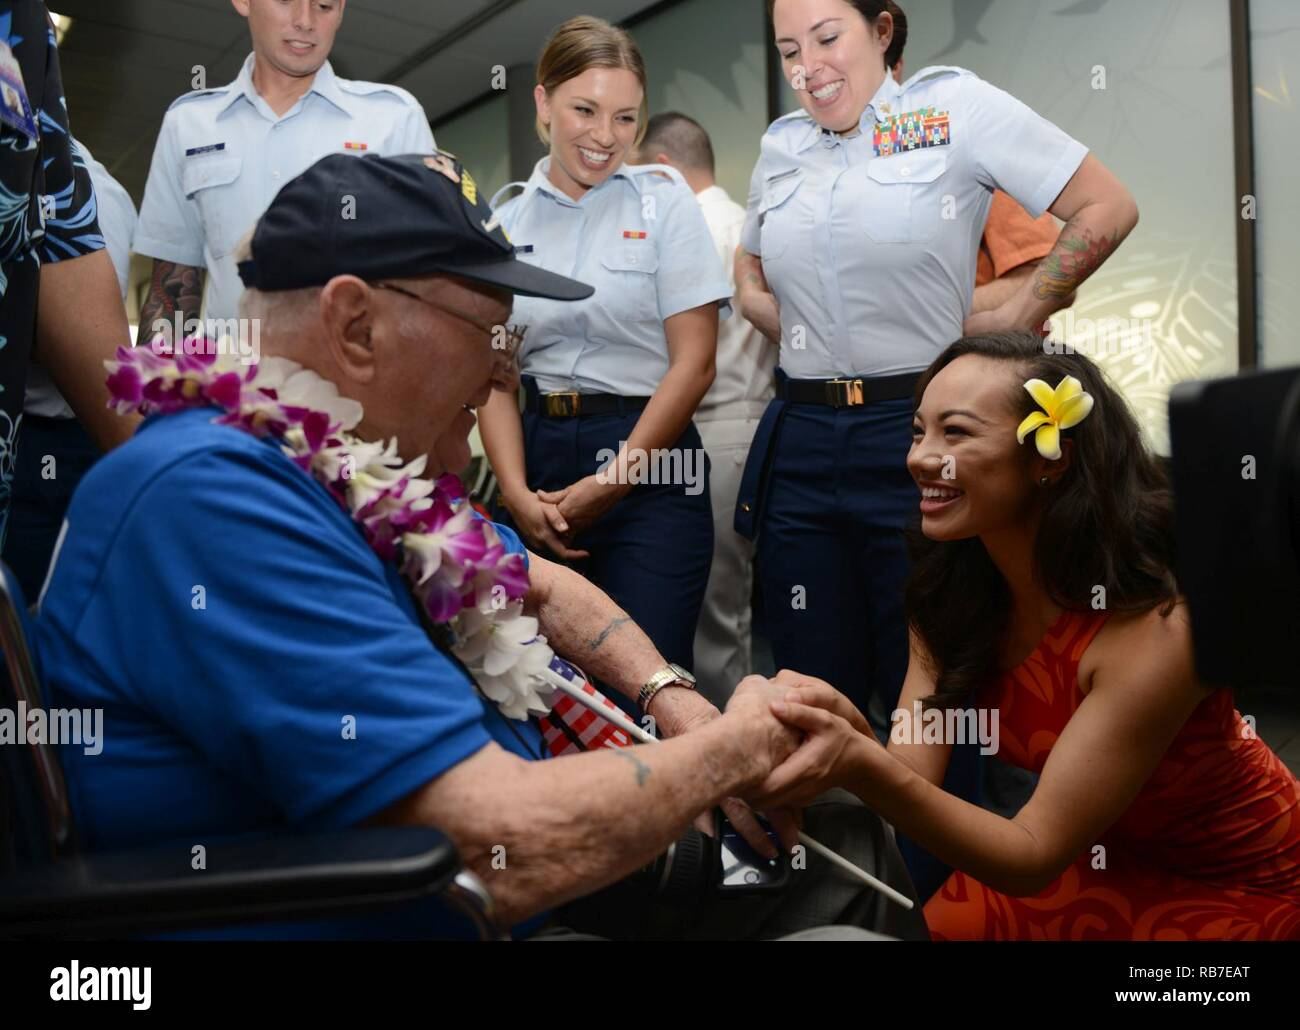 jeanne kapela miss hawaii 2015 greets a world war ii veteran after